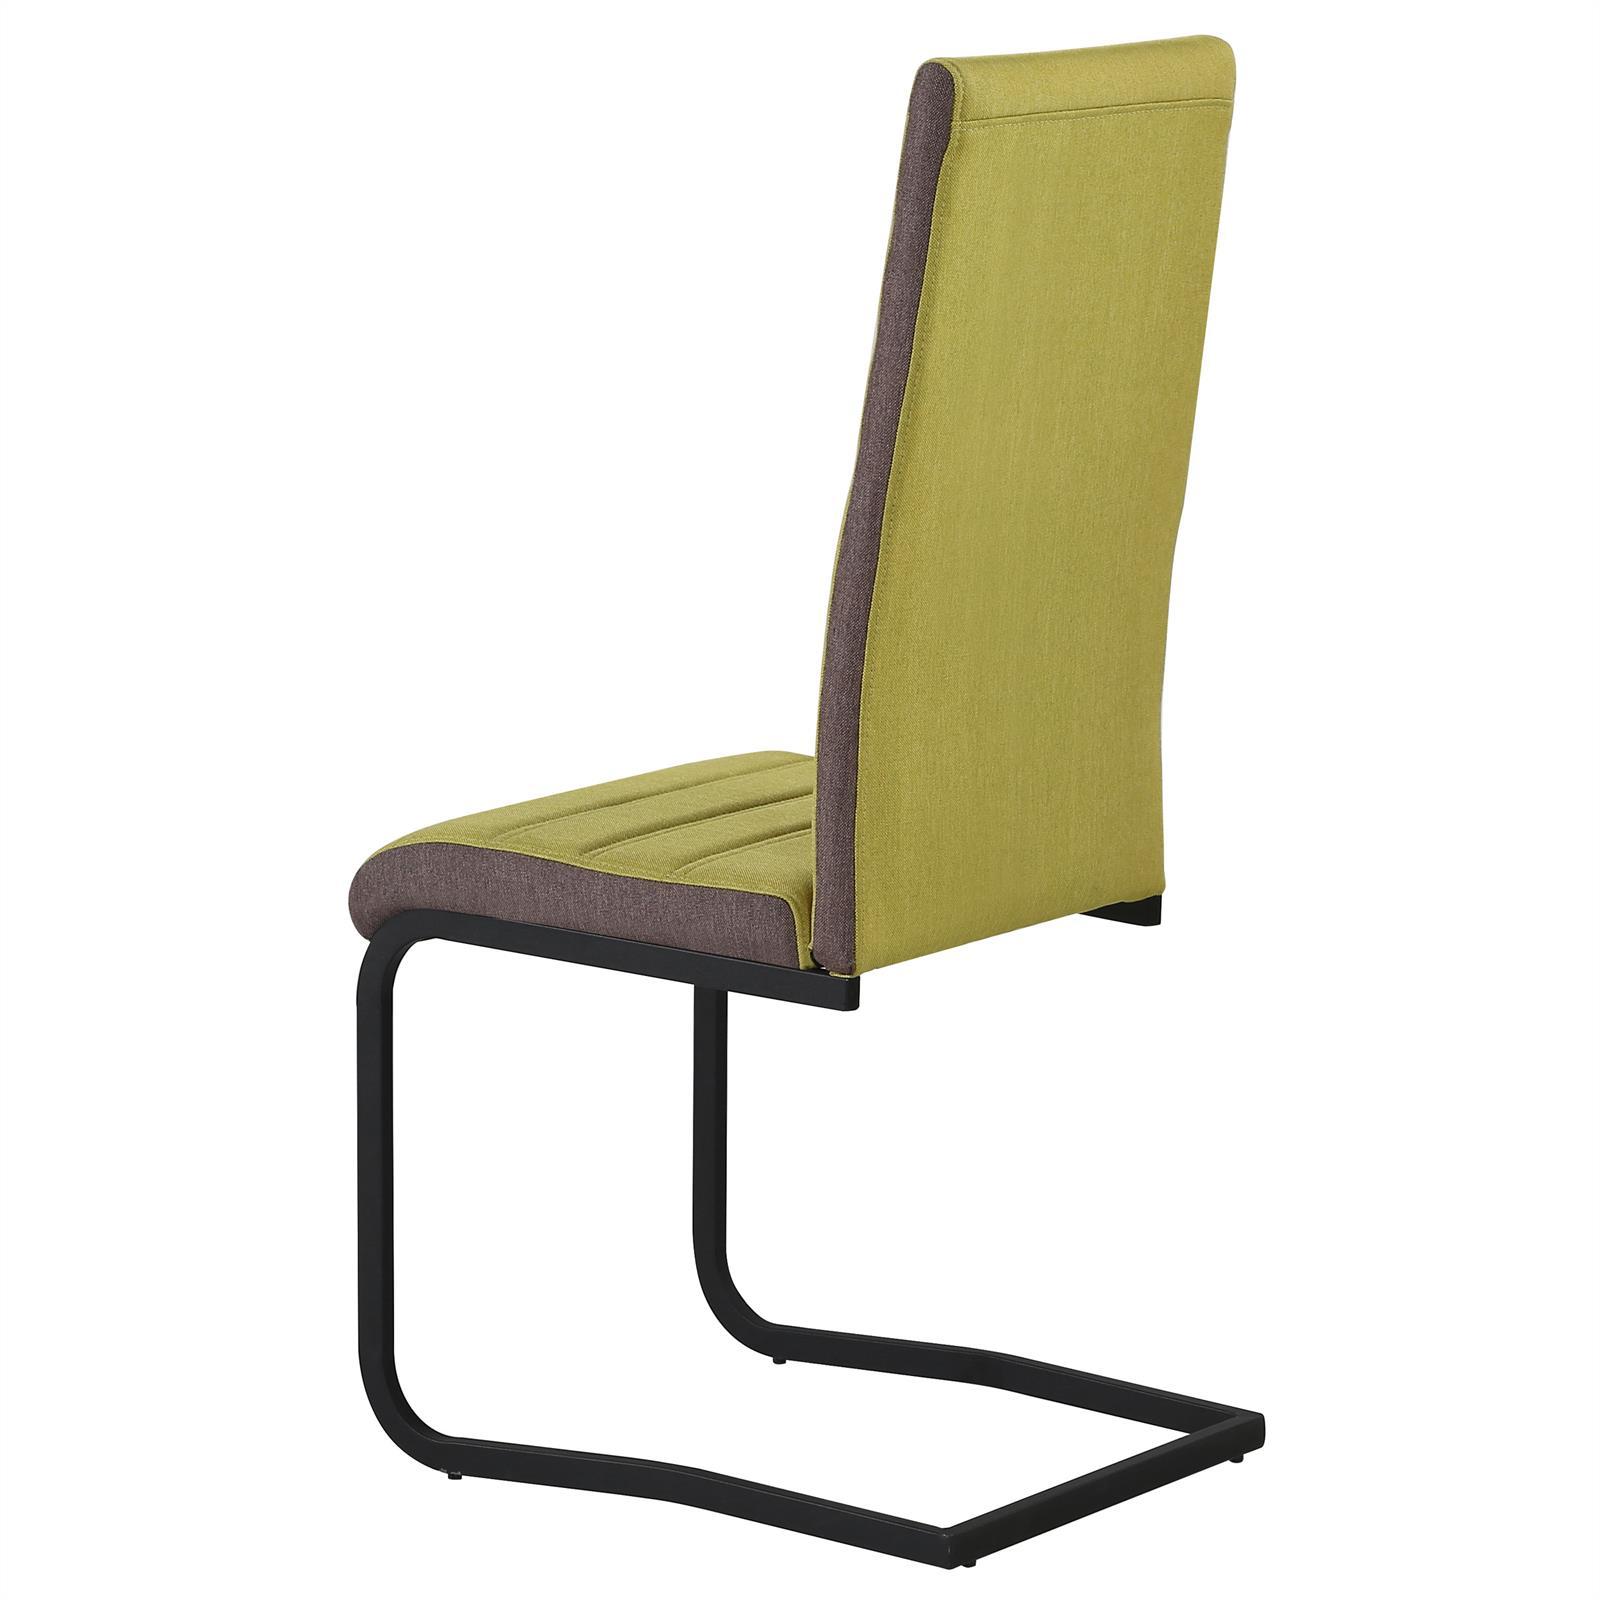 4er set k chenstuhl esszimmer stuhl schwingstuhl for Design schwingstuhl